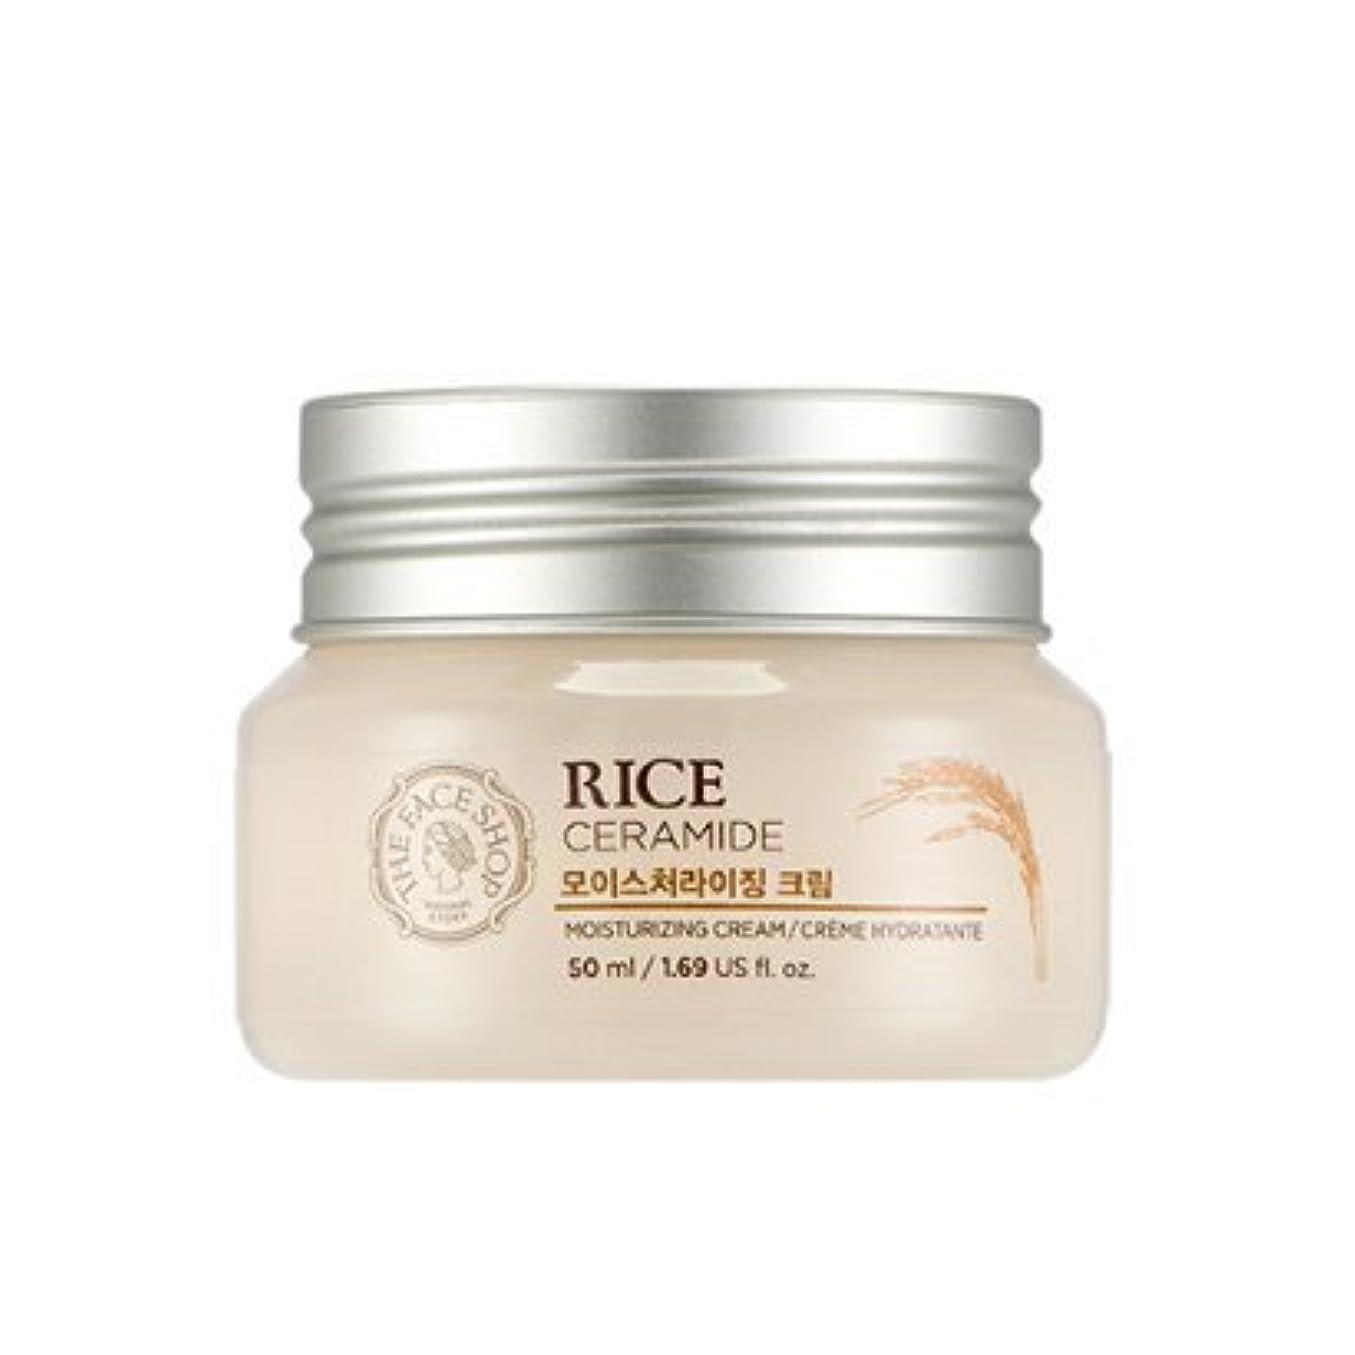 ボタン暴力適性THE FACE SHOP Rice & Ceramide Moisturizing Cream ザフェイスショップ ライス&セラミドモイスチャーライジングクリーム [並行輸入品]